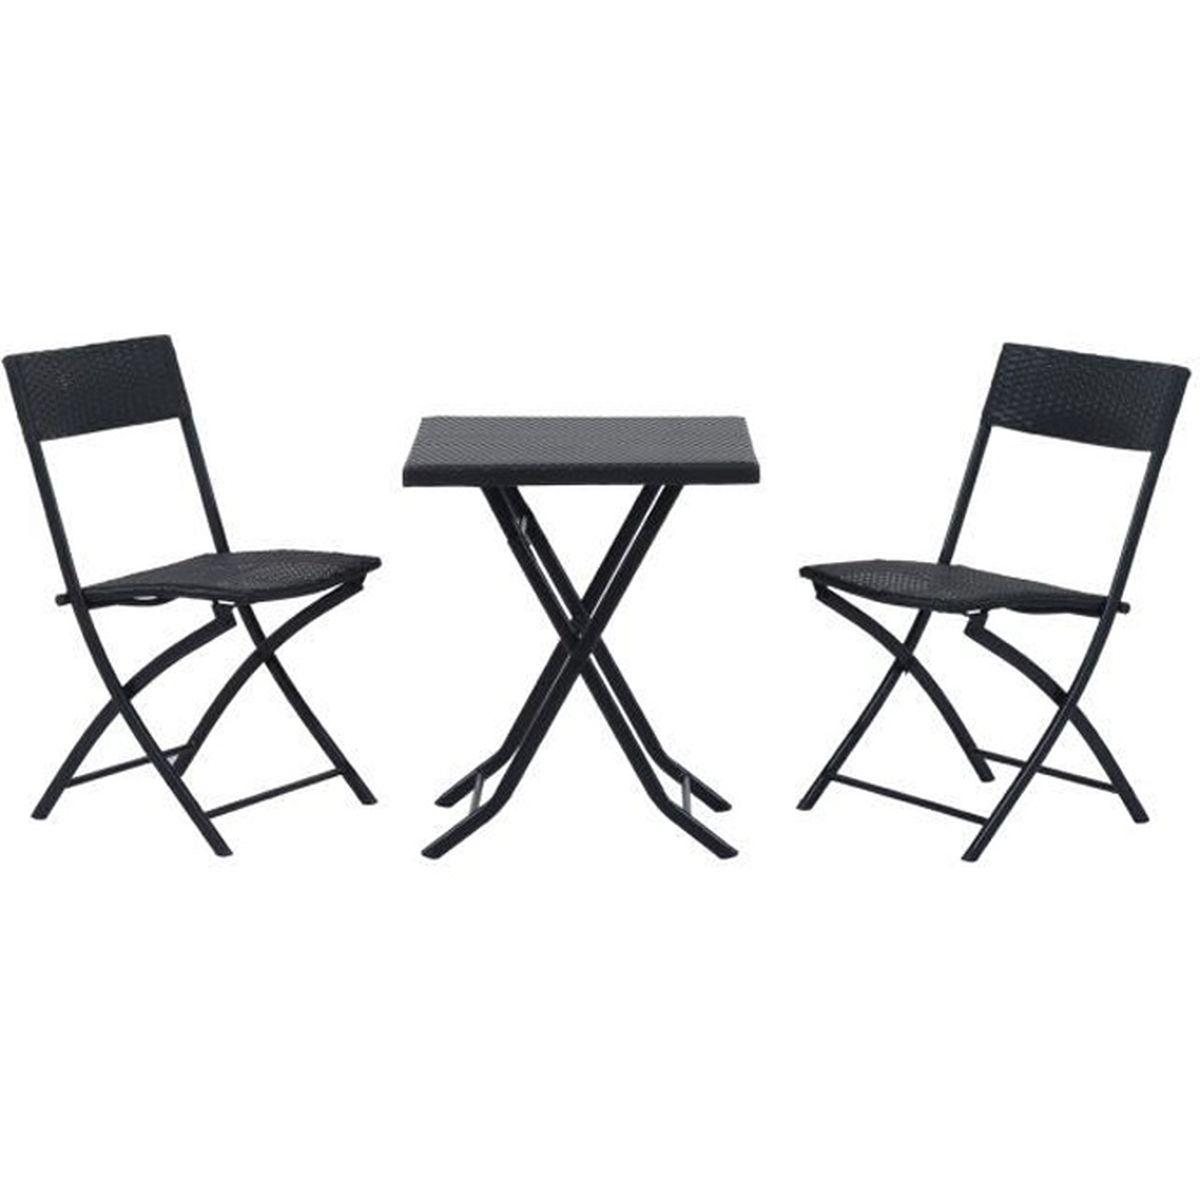 Ensemble meuble de jardin balcon bistrot table carr 2 - Chaise bistro fermob soldes ...